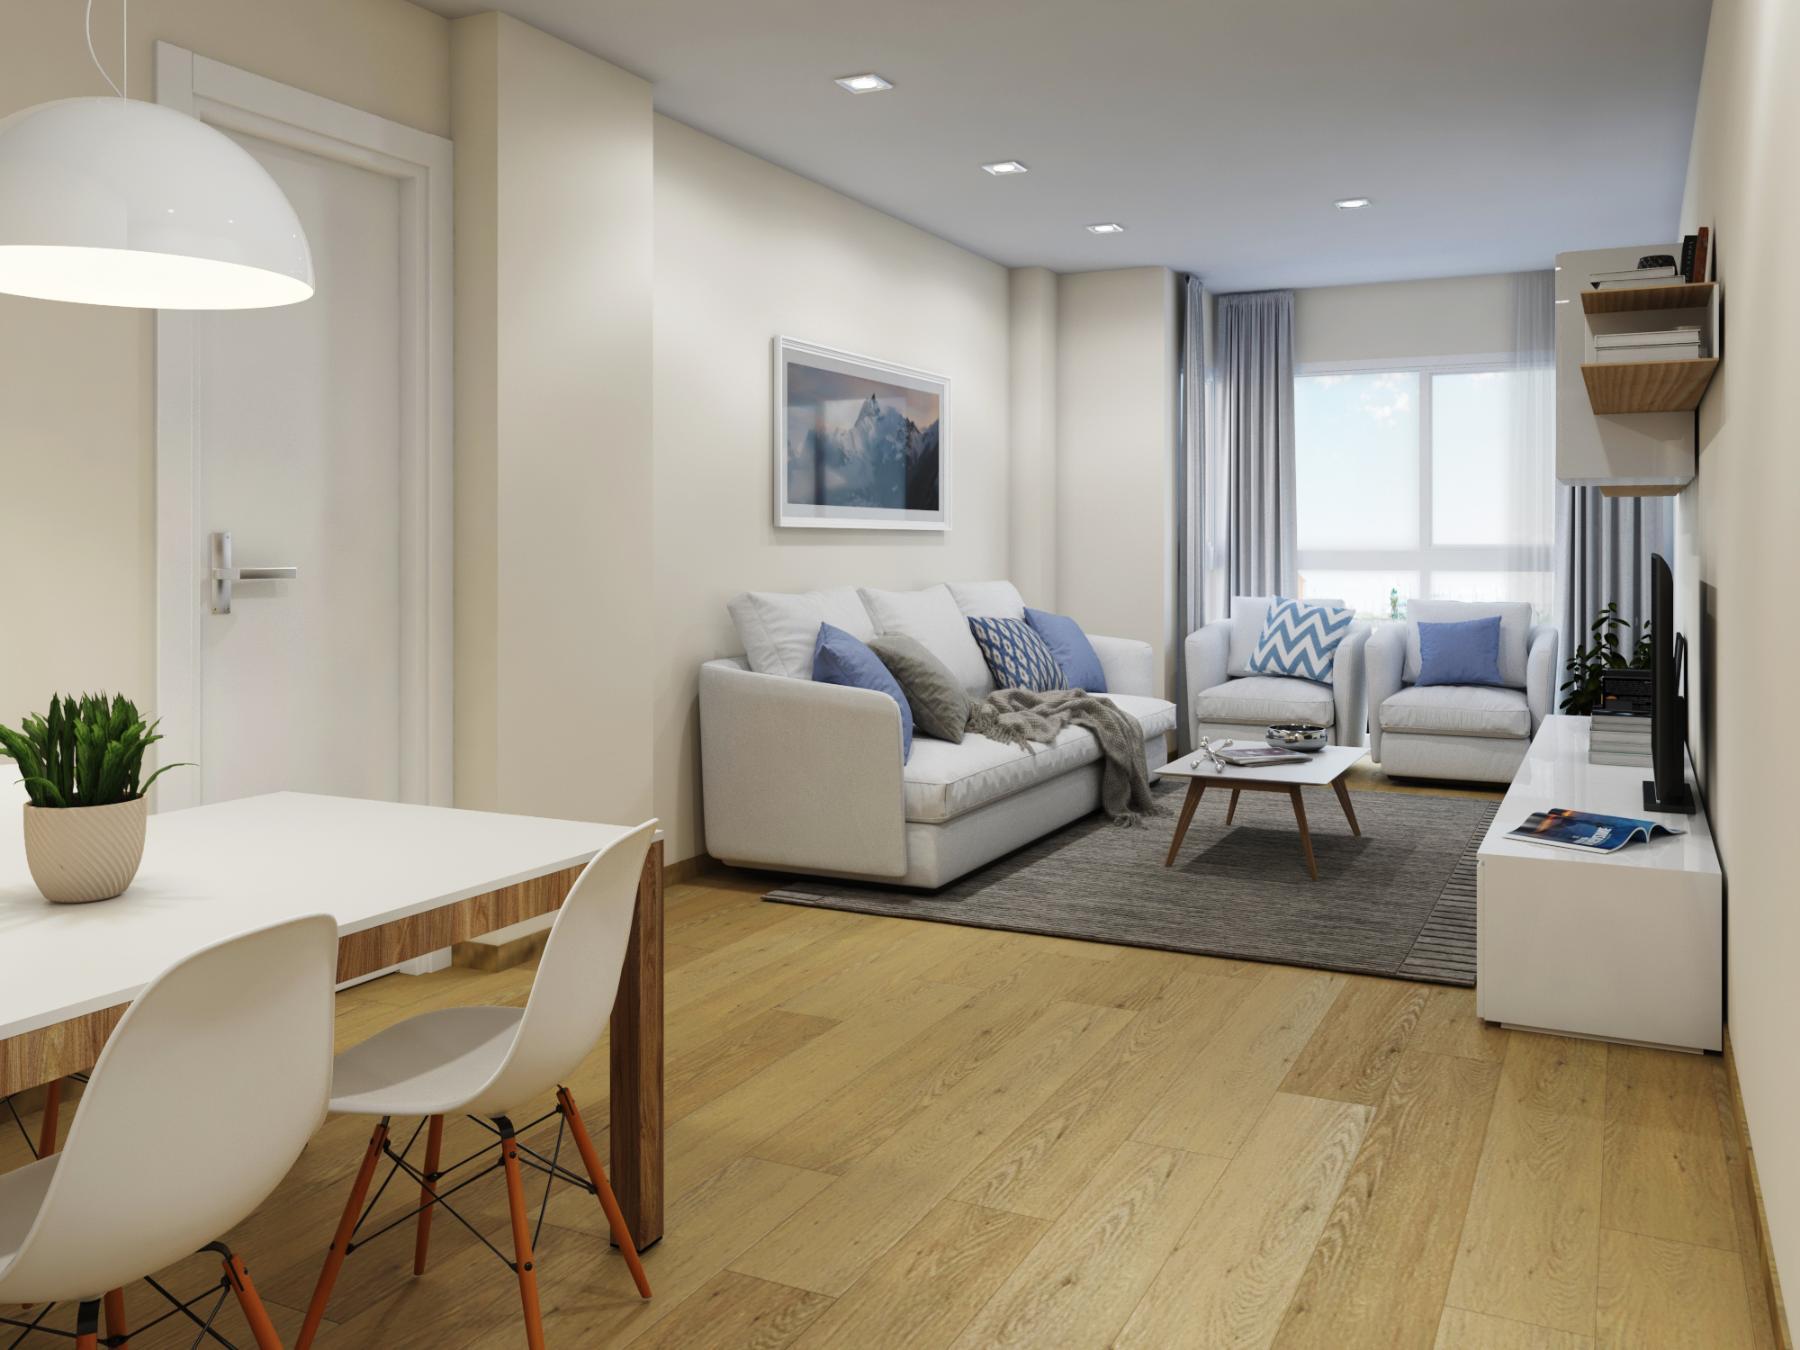 Piso en venta en Valencia, Valencia, Calle Juan Jose Sister, 246.500 €, 4 habitaciones, 2 baños, 122 m2